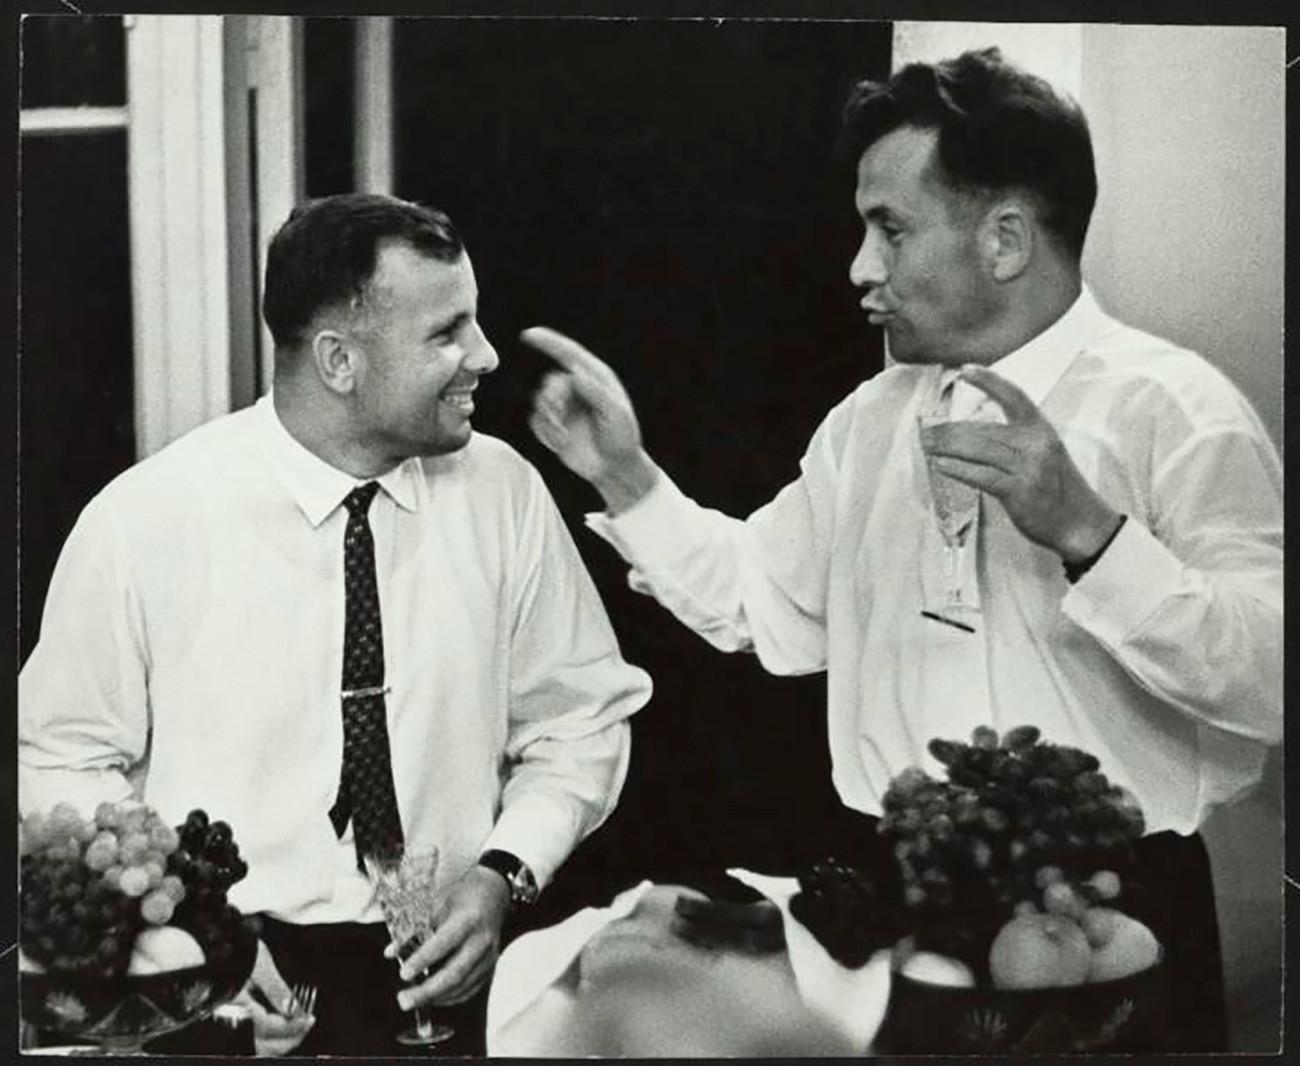 Jurij Gagarin i Pavel Popovič. Popovič je bio četvrti sovjetski kozmonaut u svemiru, šesti čovjek u orbiti i osmi čovjek u svemiru. Smatrali su se jakim kandidatom za prvi let u svemir, ali je, kada je Gagarin izabran za Vostok 1, Popovič služio kao glavni komunikator (CAPCOM) leta. 1962. /